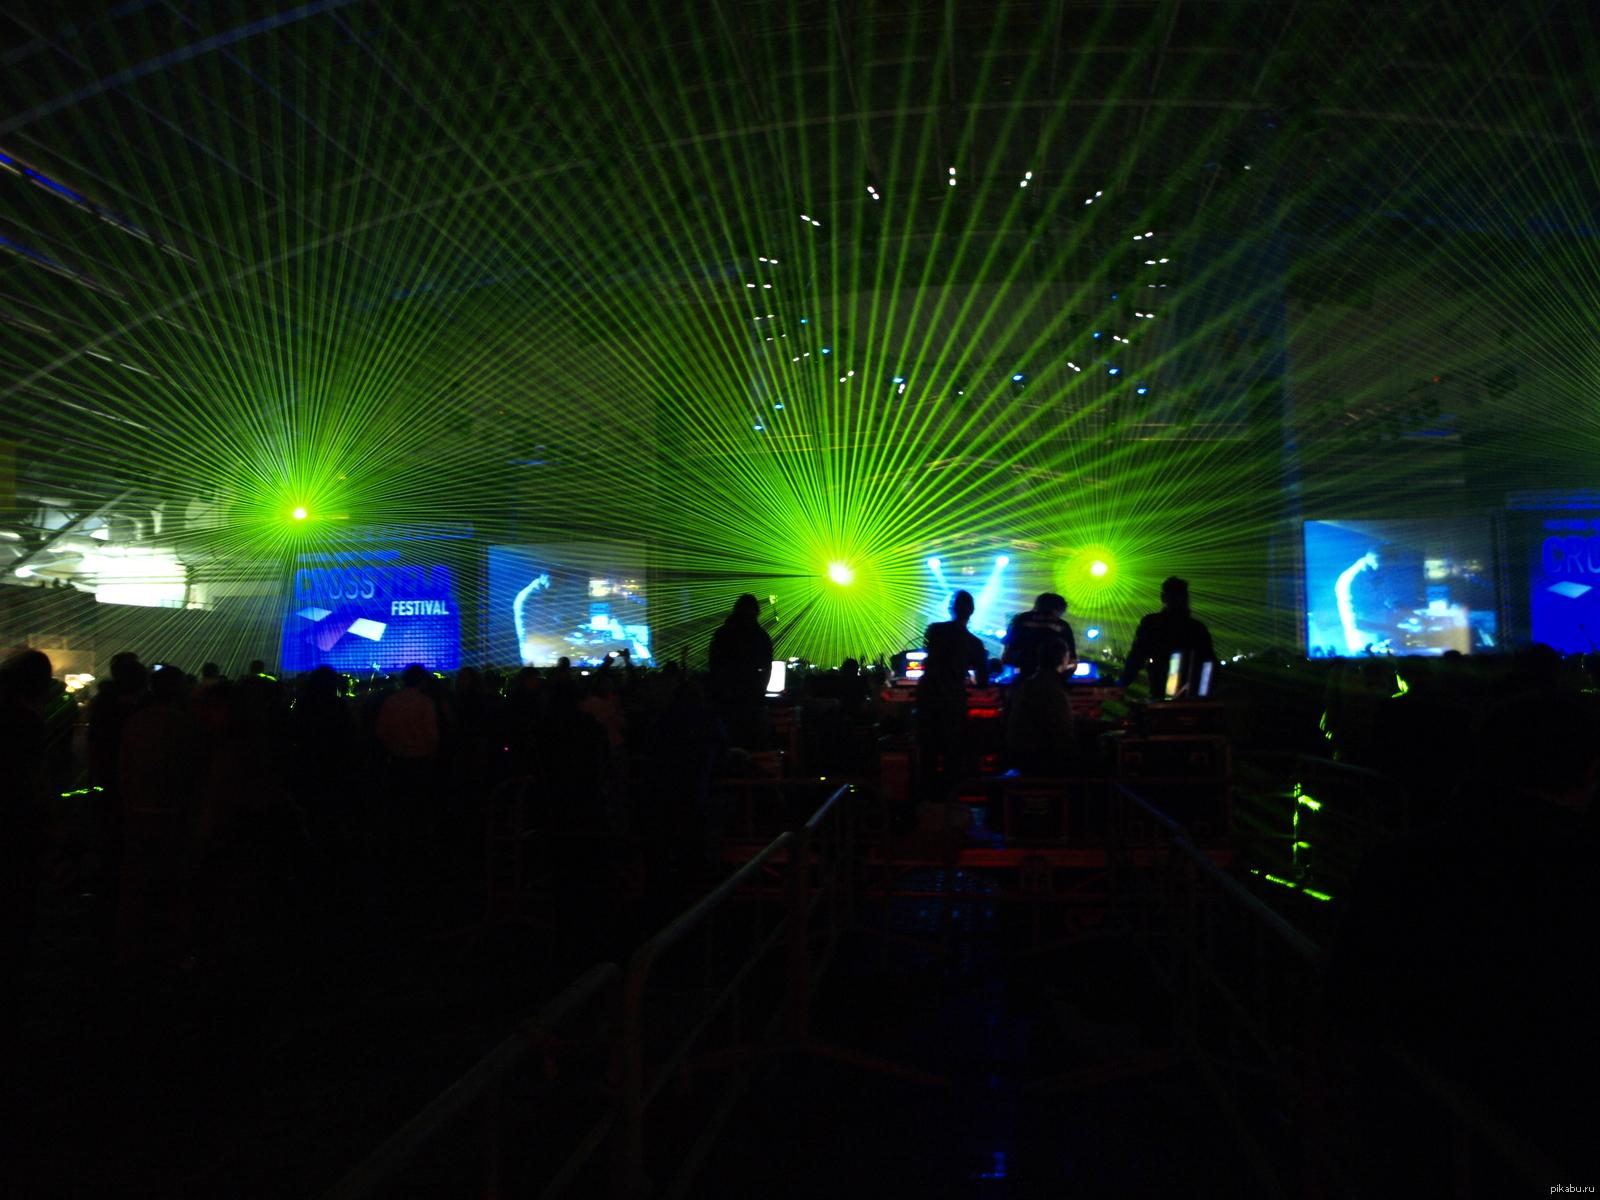 платье прямого как фотографировать лазеры в клубе разрешено